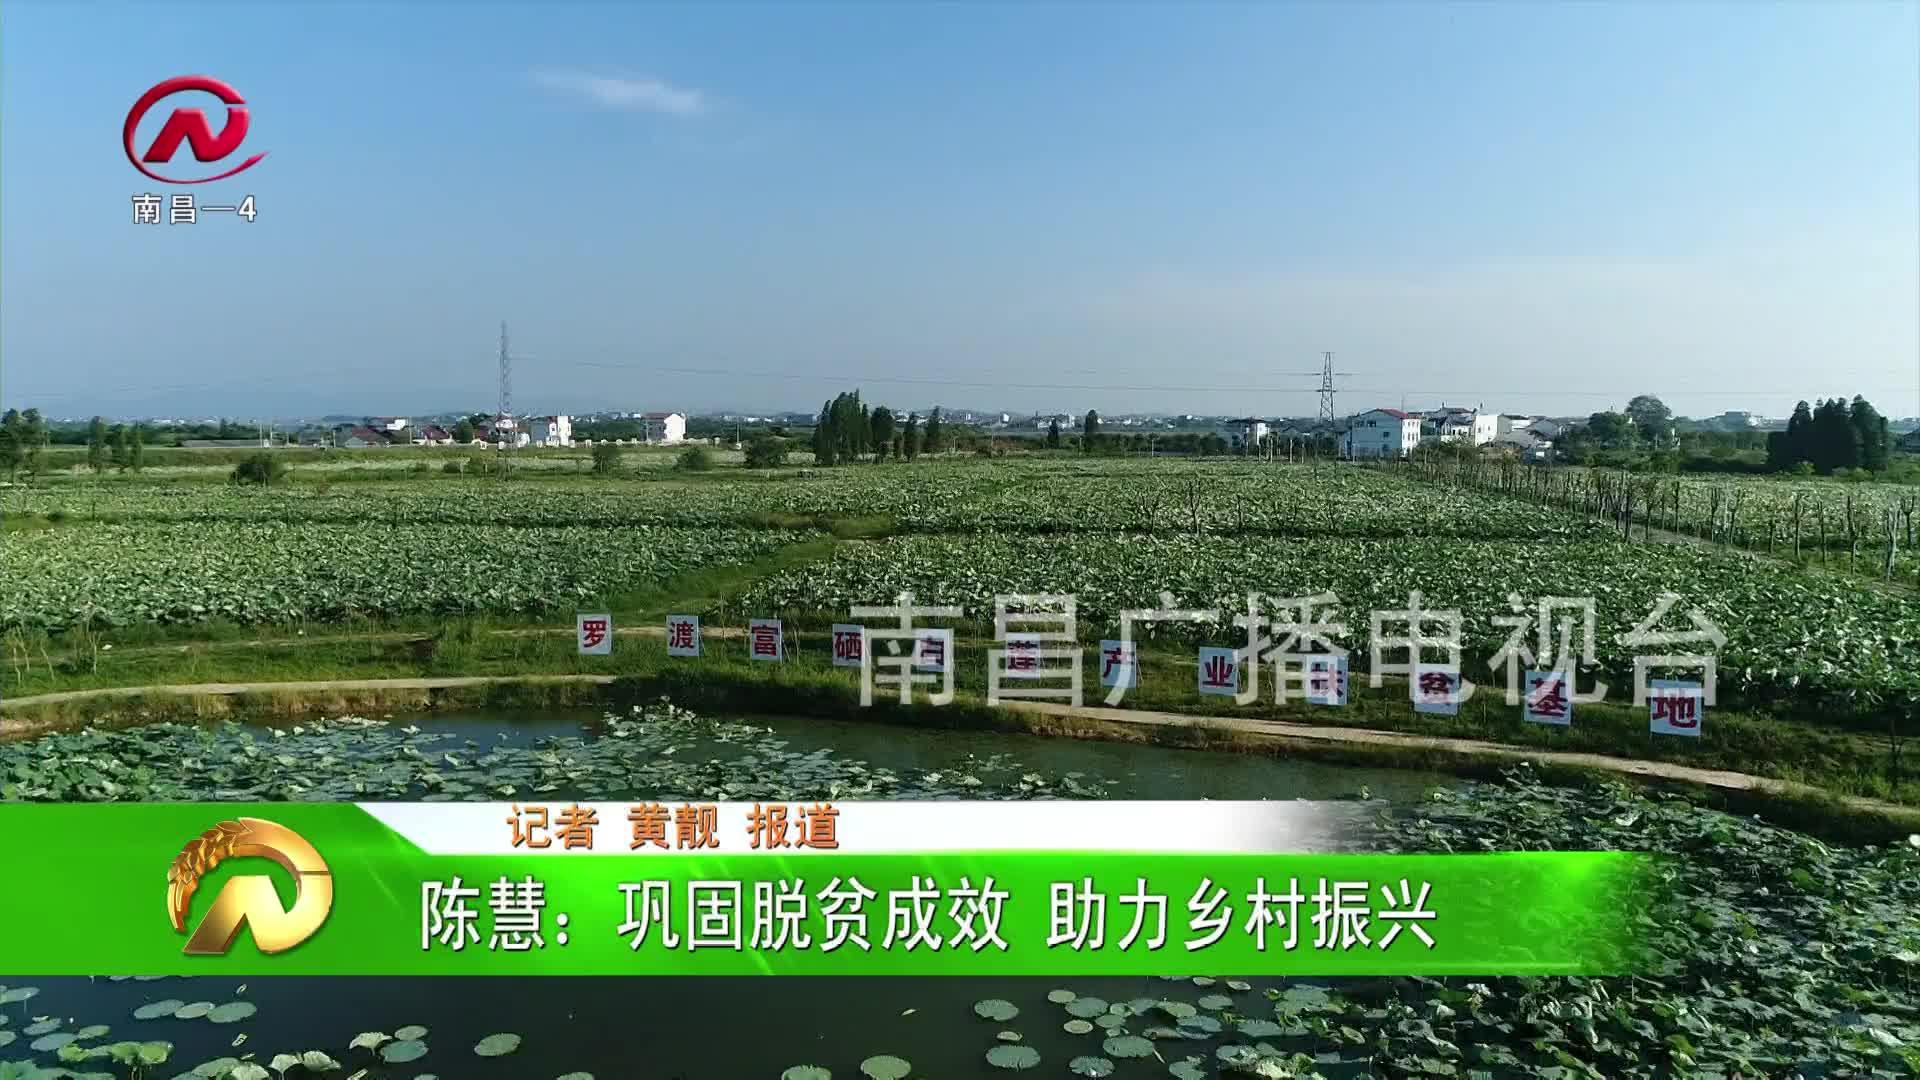 【豫章農視】陳慧:鞏固脫貧成效 助力鄉村振興